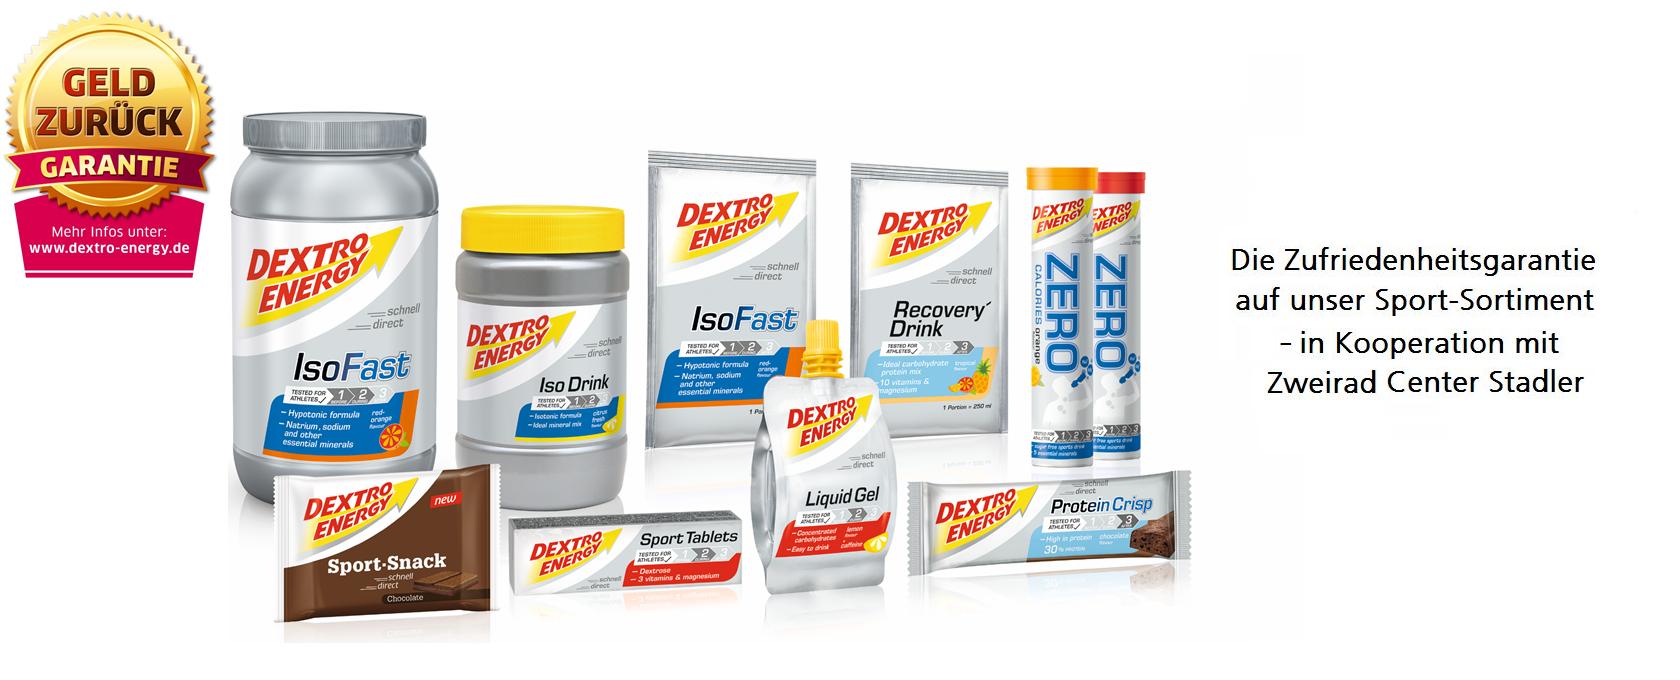 Dextro  Energy  GzG // Kauf NUR bei Zweirad Stadler on-/offline